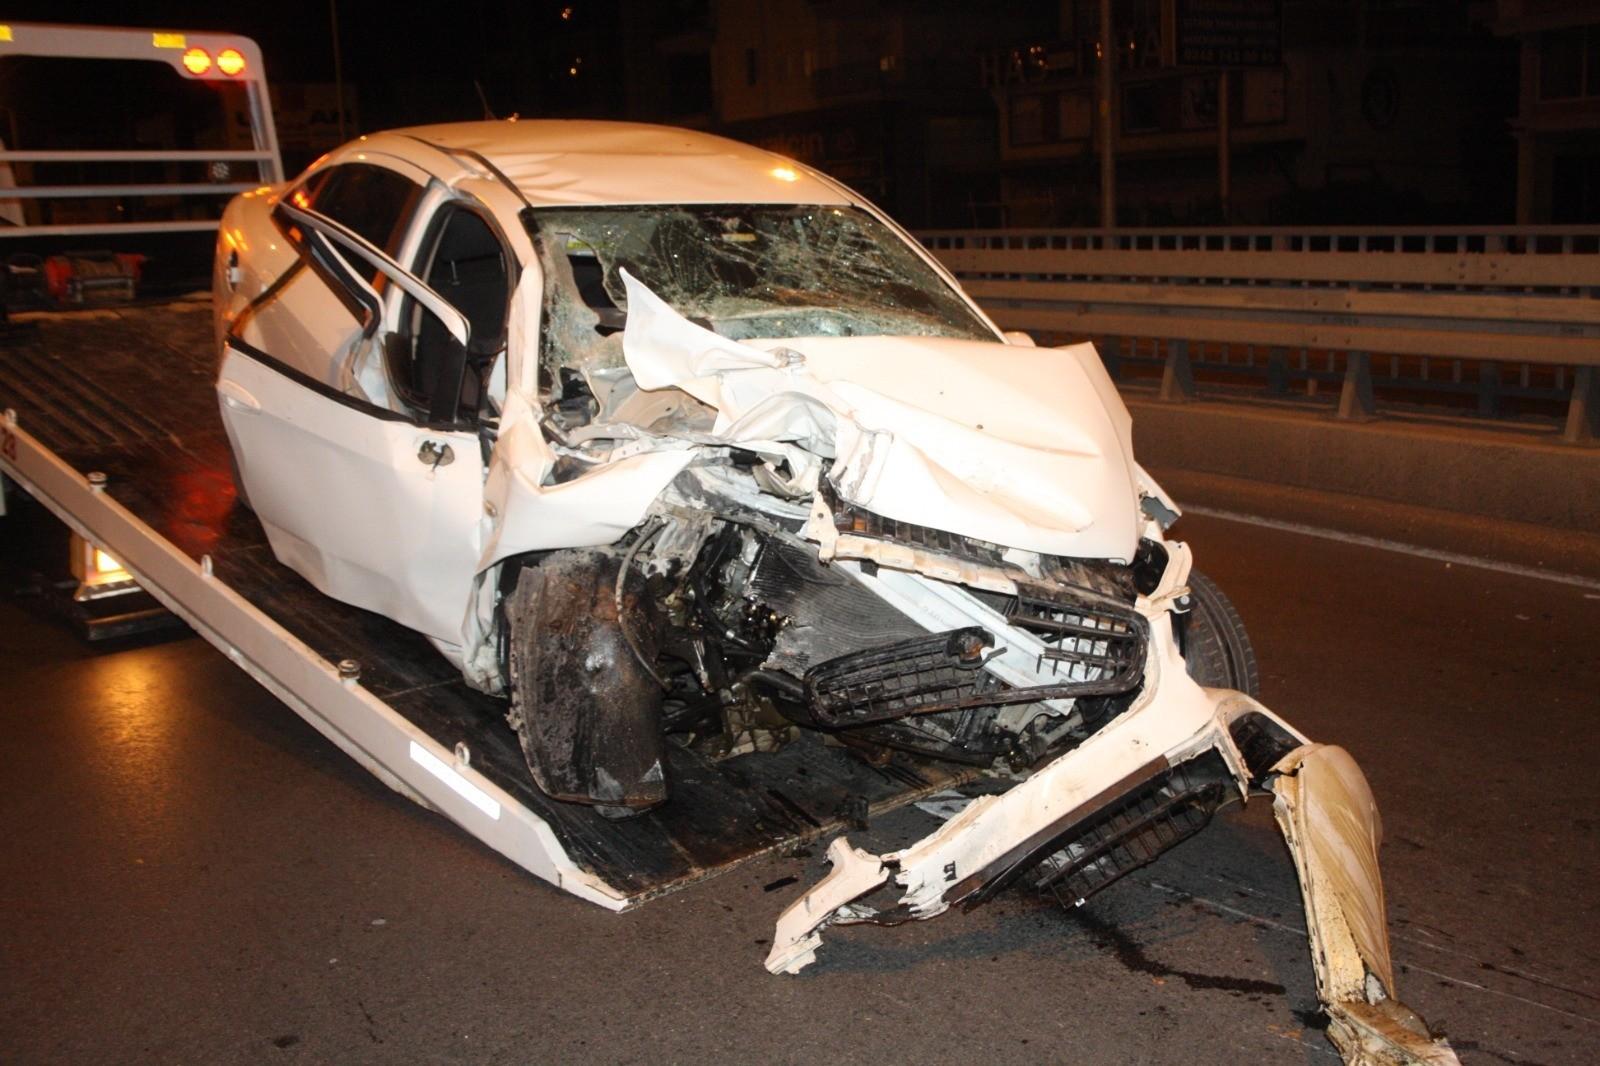 Hurdaya dönen otomobilde bulunan 3 kişiden 1'i öldü 2'si ağır yaralı